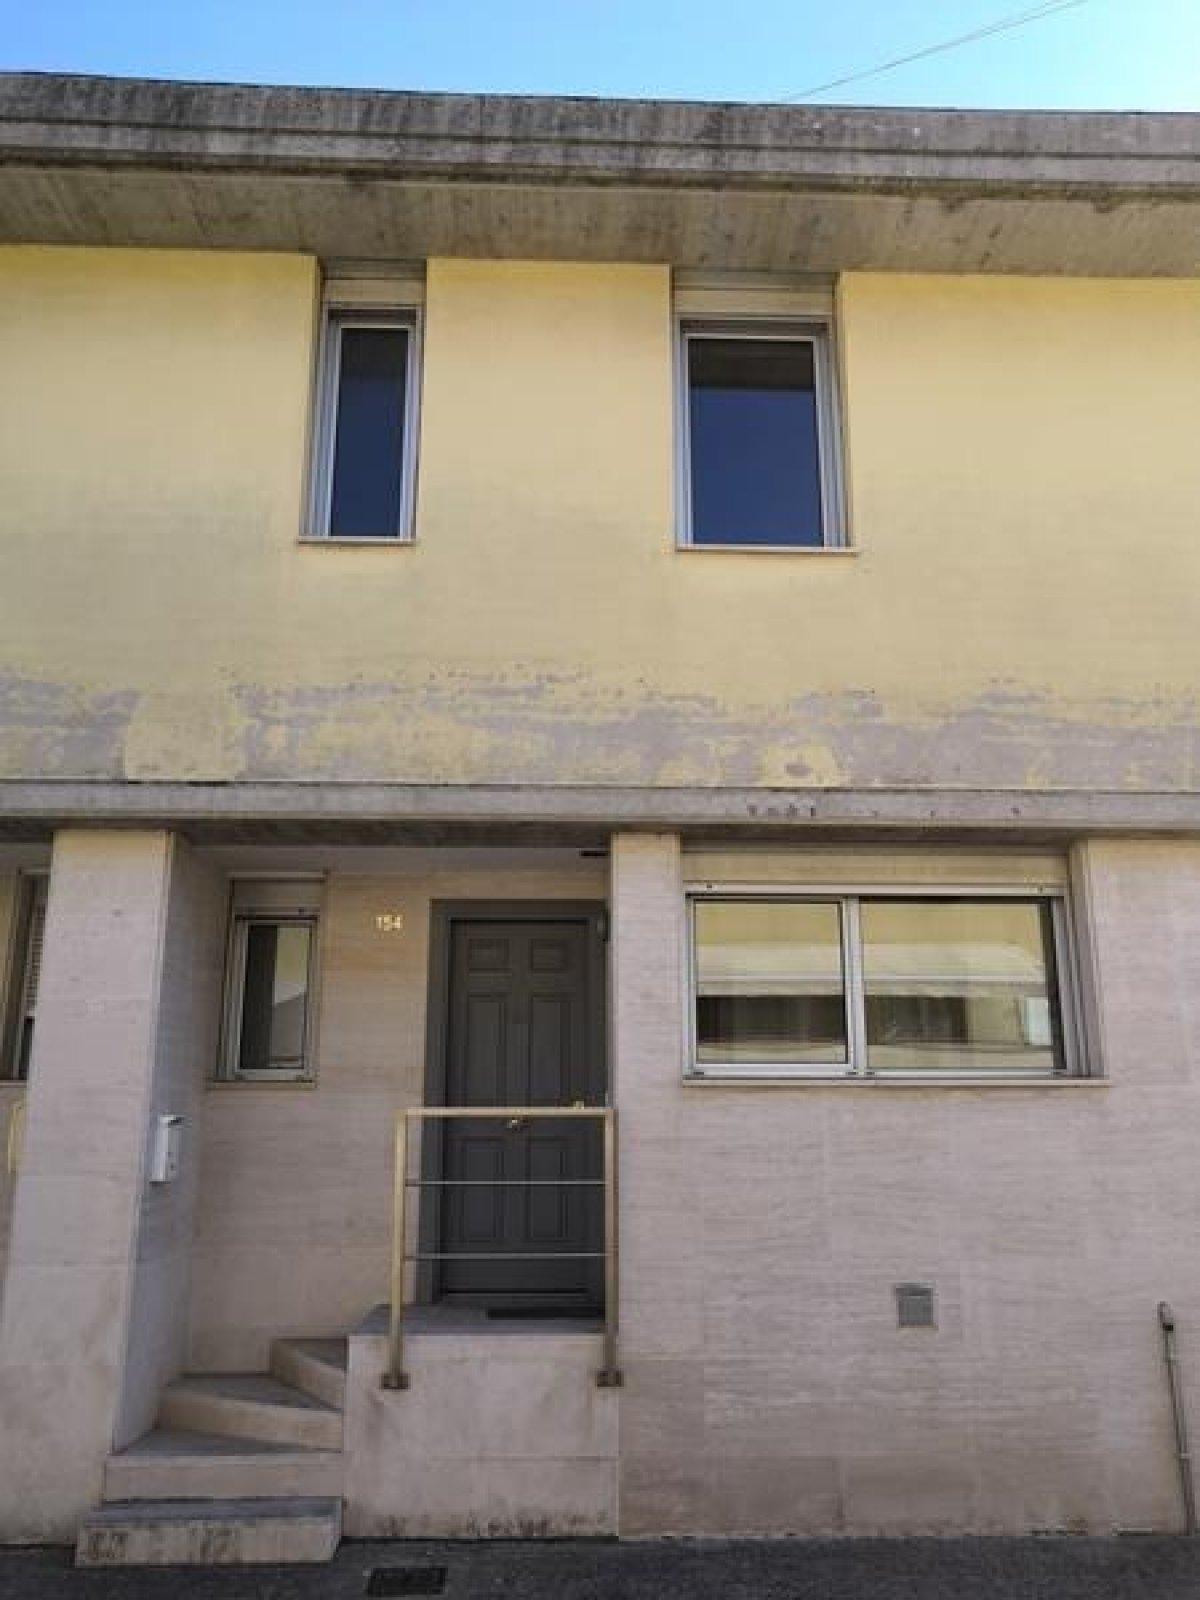 Chalet en alquiler en Santander  de 3 Habitaciones, 2 Baños y 150 m2 por 850€/mes.